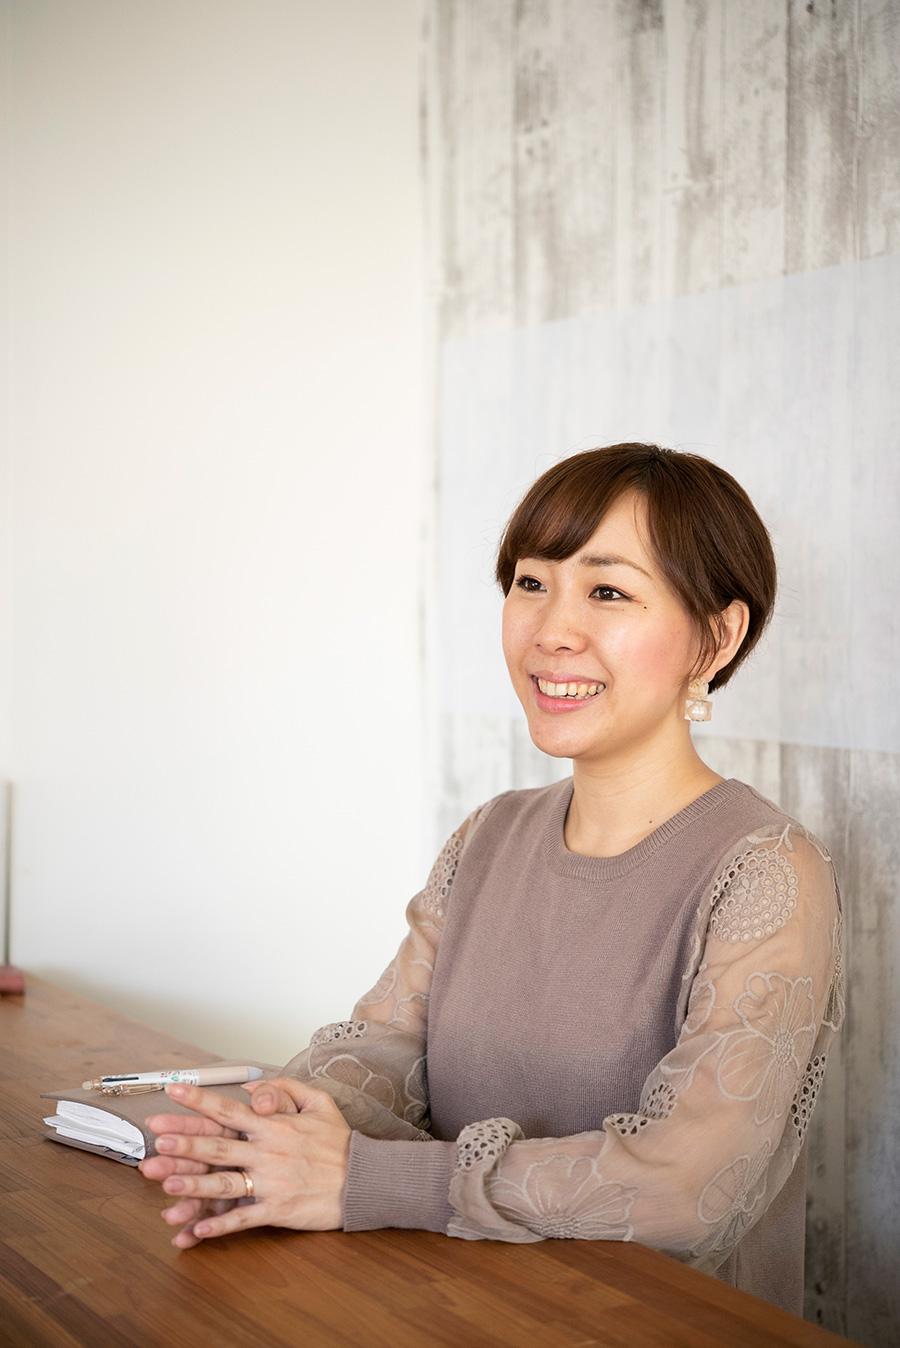 収納スタイリスト・吉川永里子さん。Room&me代表。働く女性、母の目線で片づけサービスや各種セミナーを行う。「なかなか捨てられない人ための鬼速片づけ」など著書も多数。